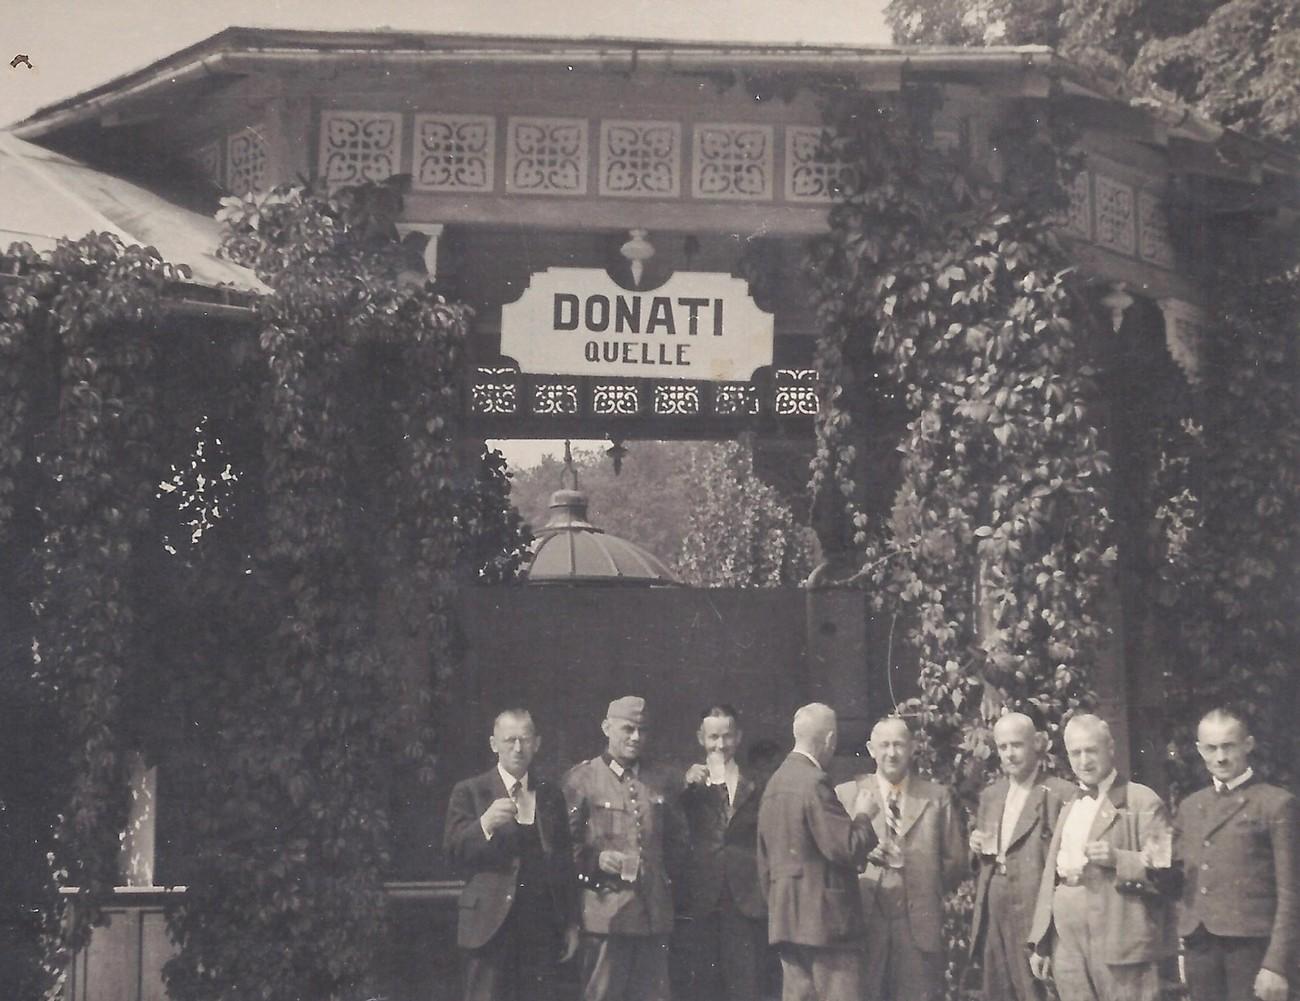 In front of the bottling facility at the heart of the health resort in Rogaška Slatina. Source: personal archive of Nani Poljanec, Ljudski muzej Rogaška Slatina [Rogaška Slatina Folk Museum].